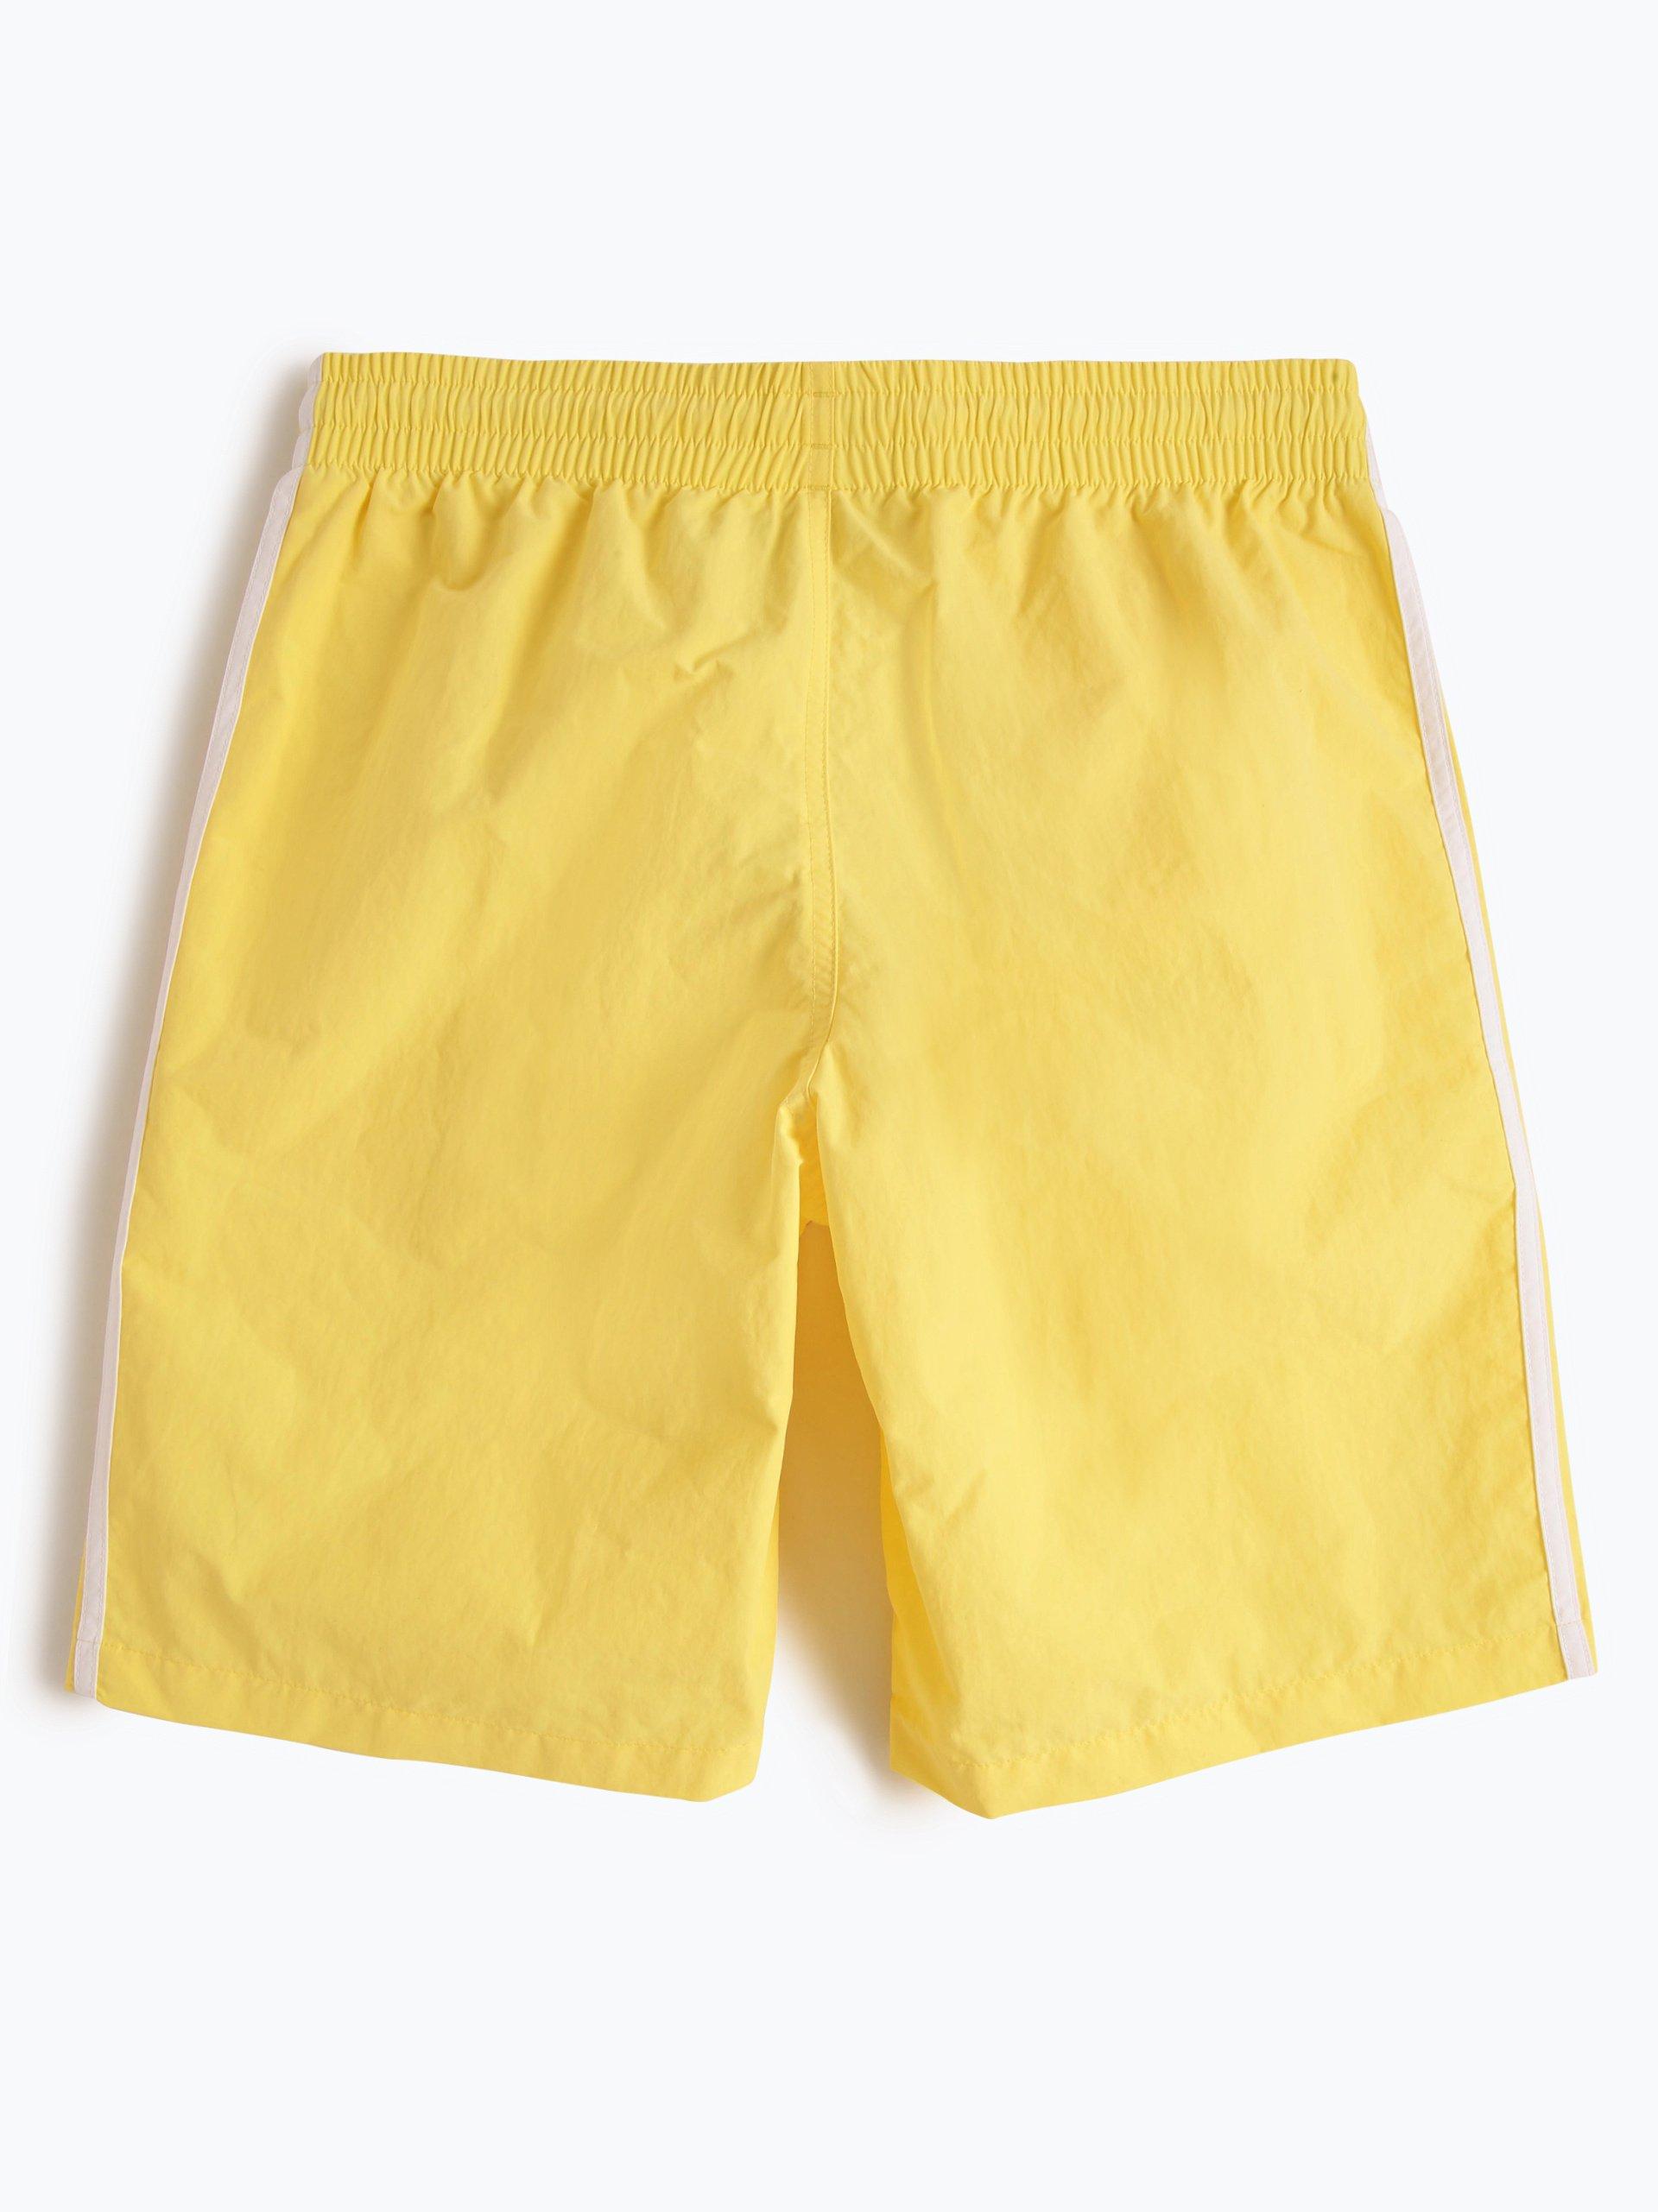 adidas Originals Męskie spodenki kąpielowe